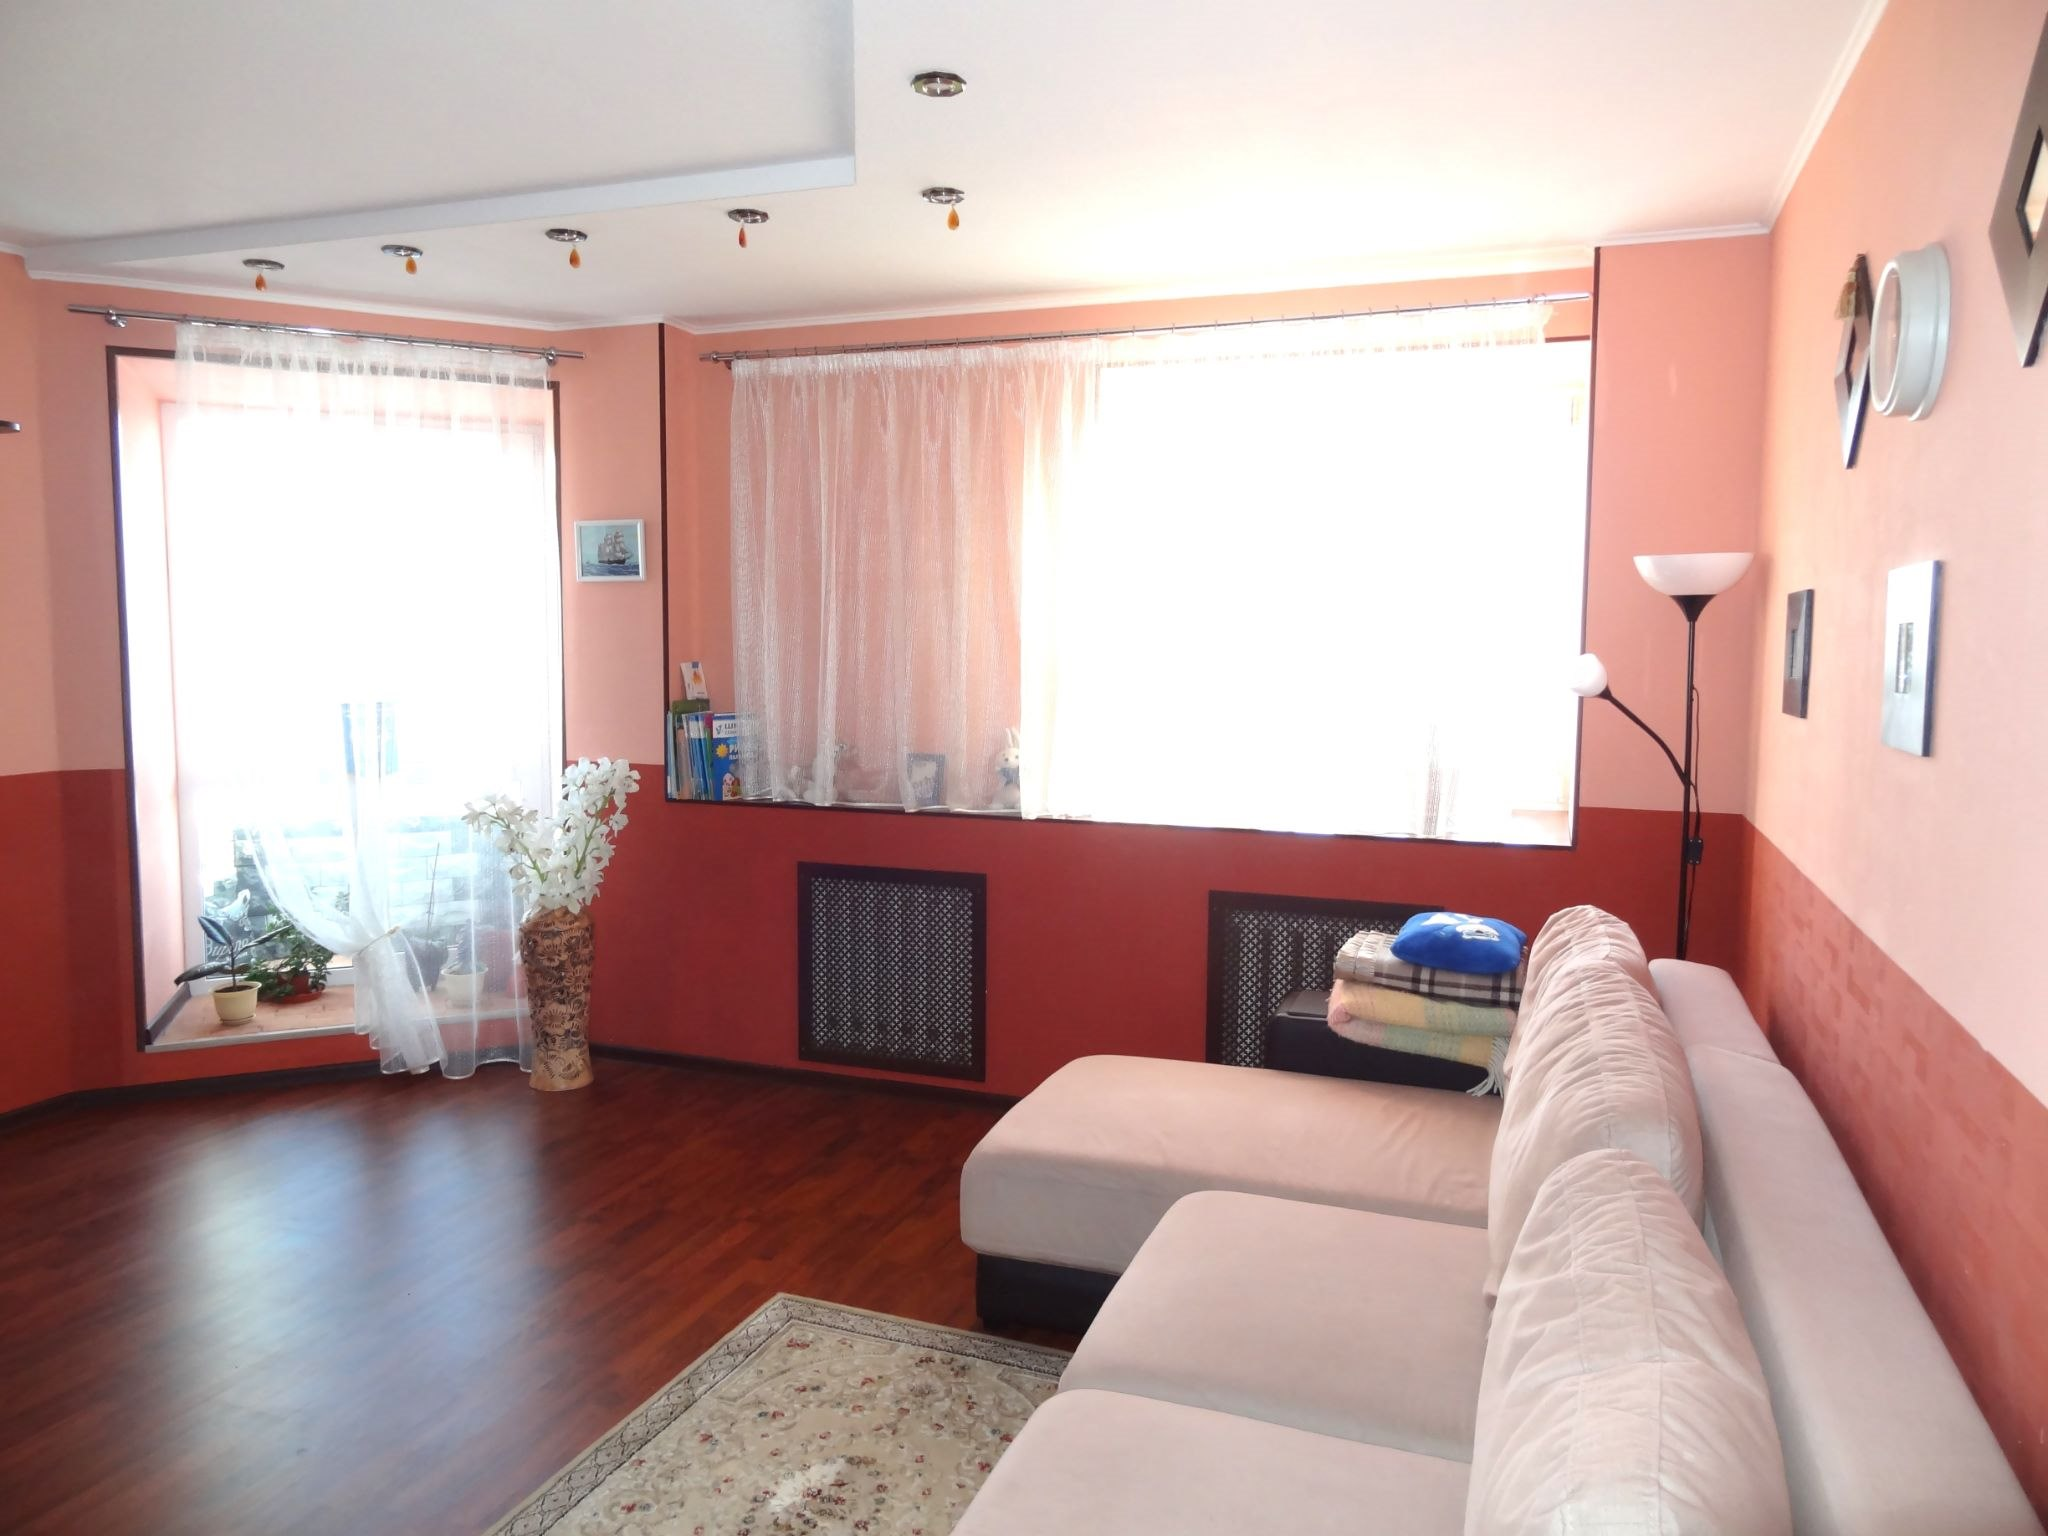 Купить квартиру на Уинской улице в Перми  282 объявления о продаже в ... df07453707e